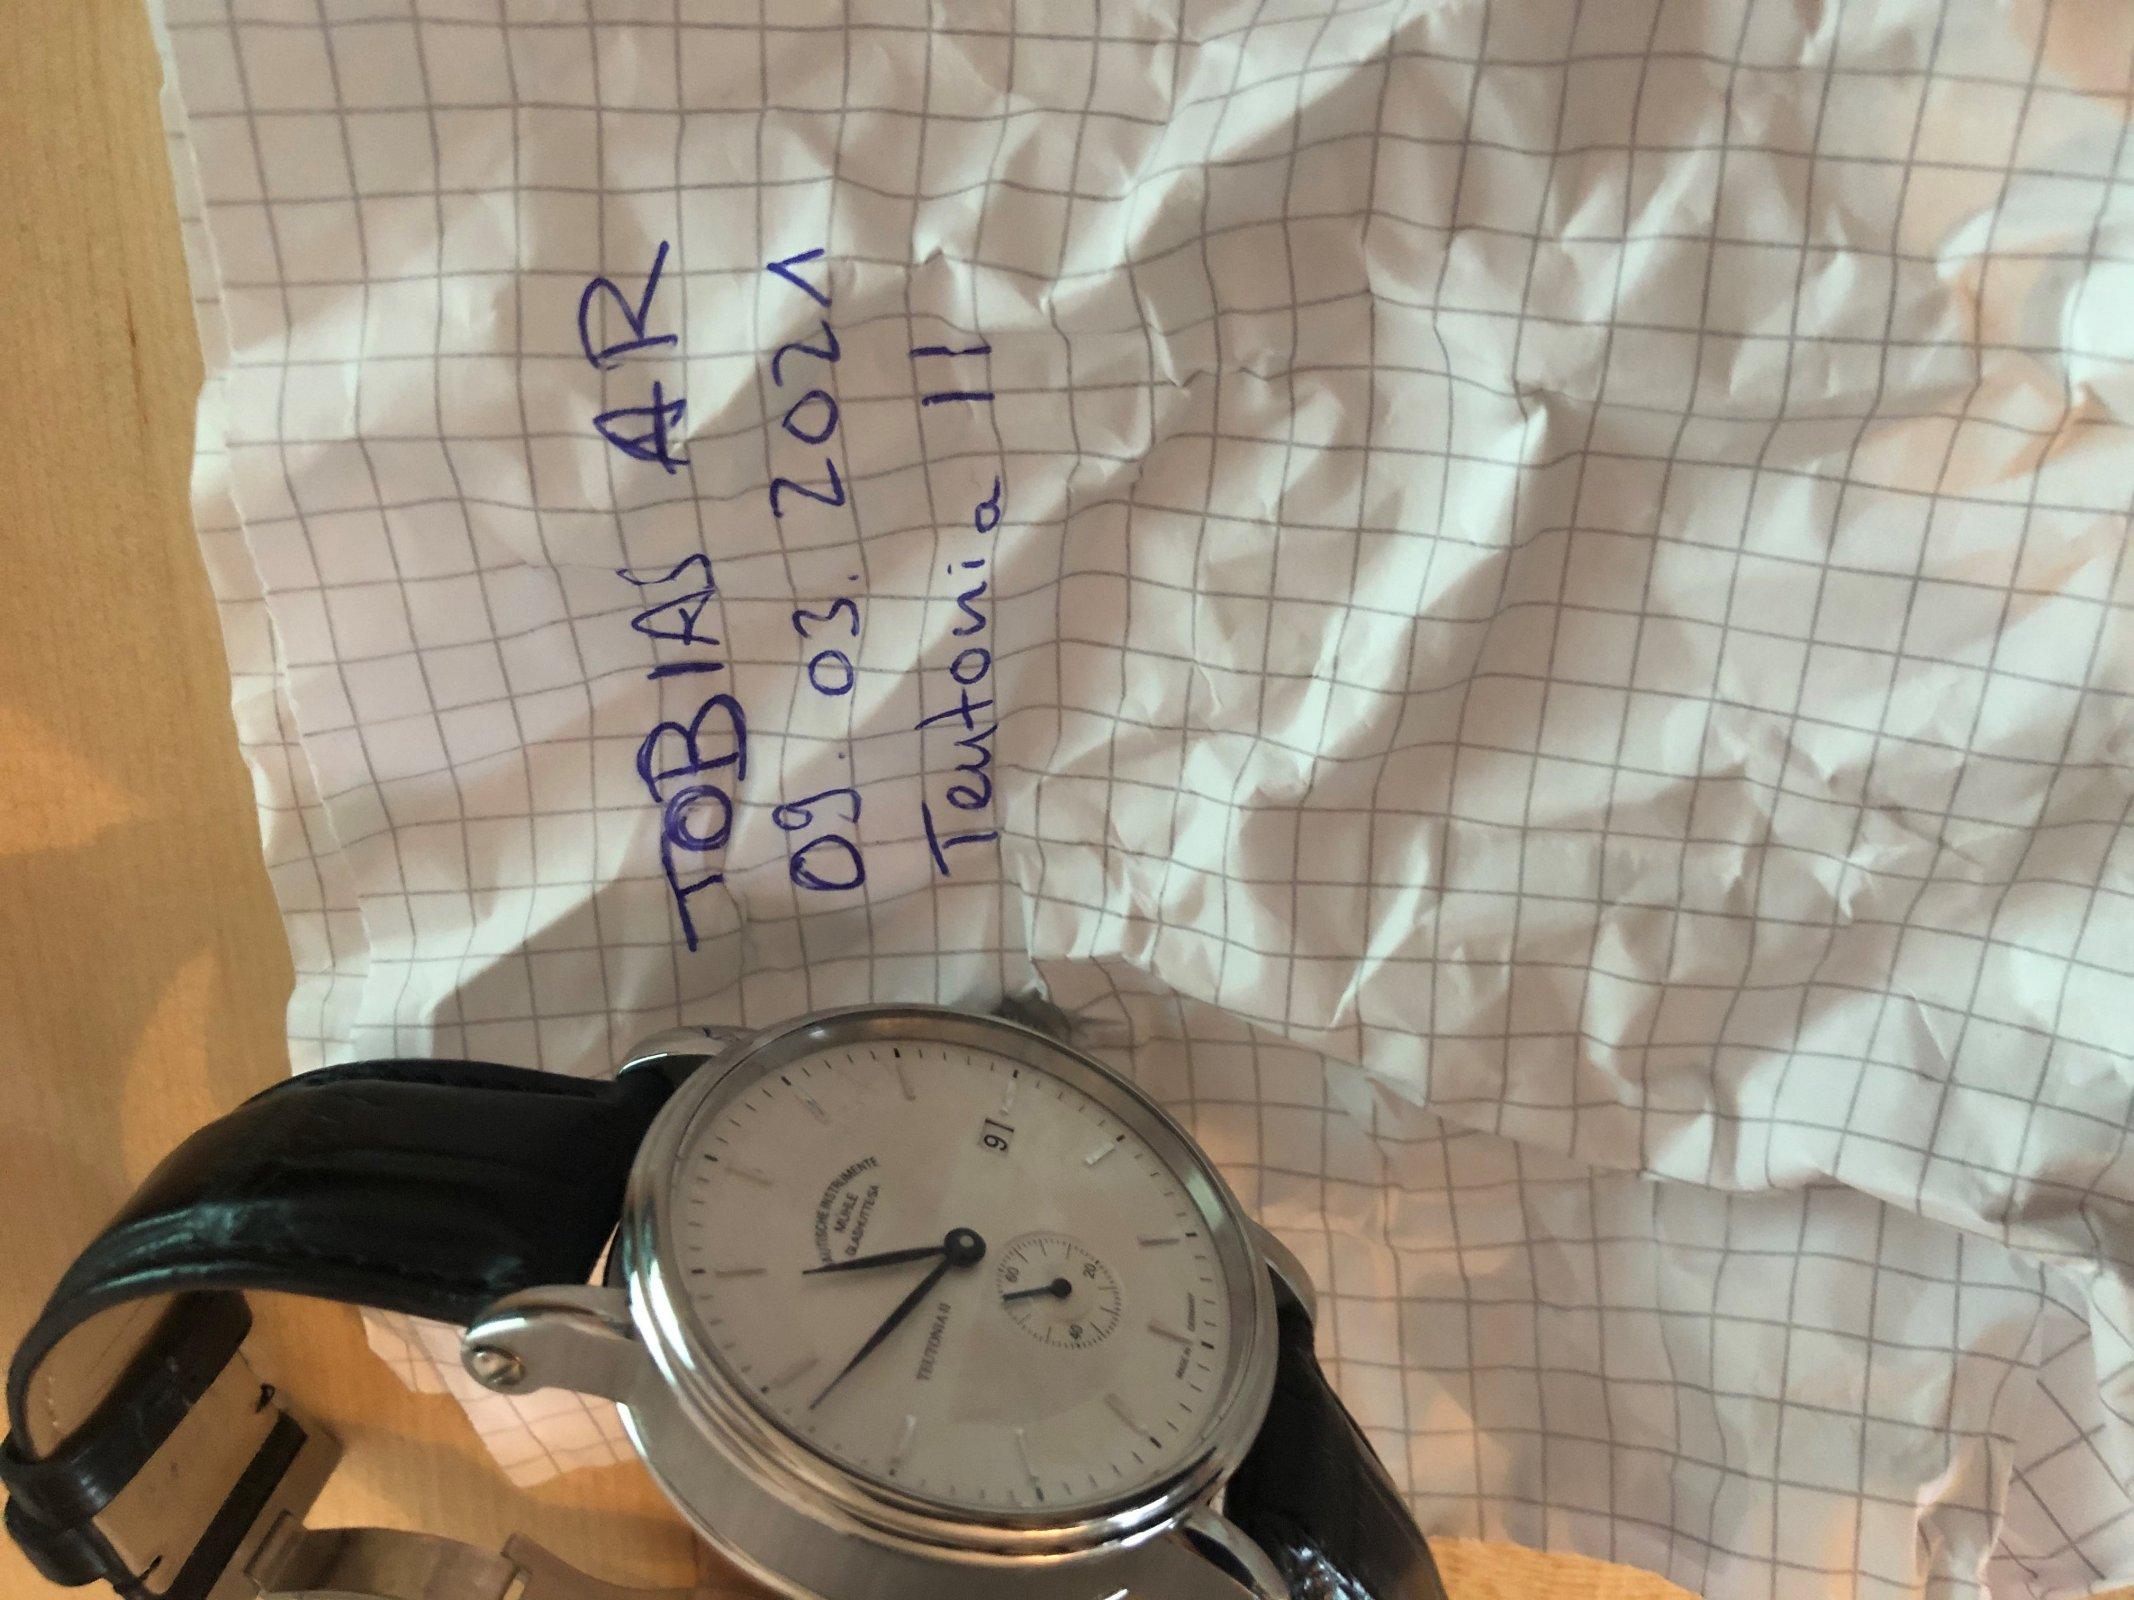 Uhr mit Zettel.jpg